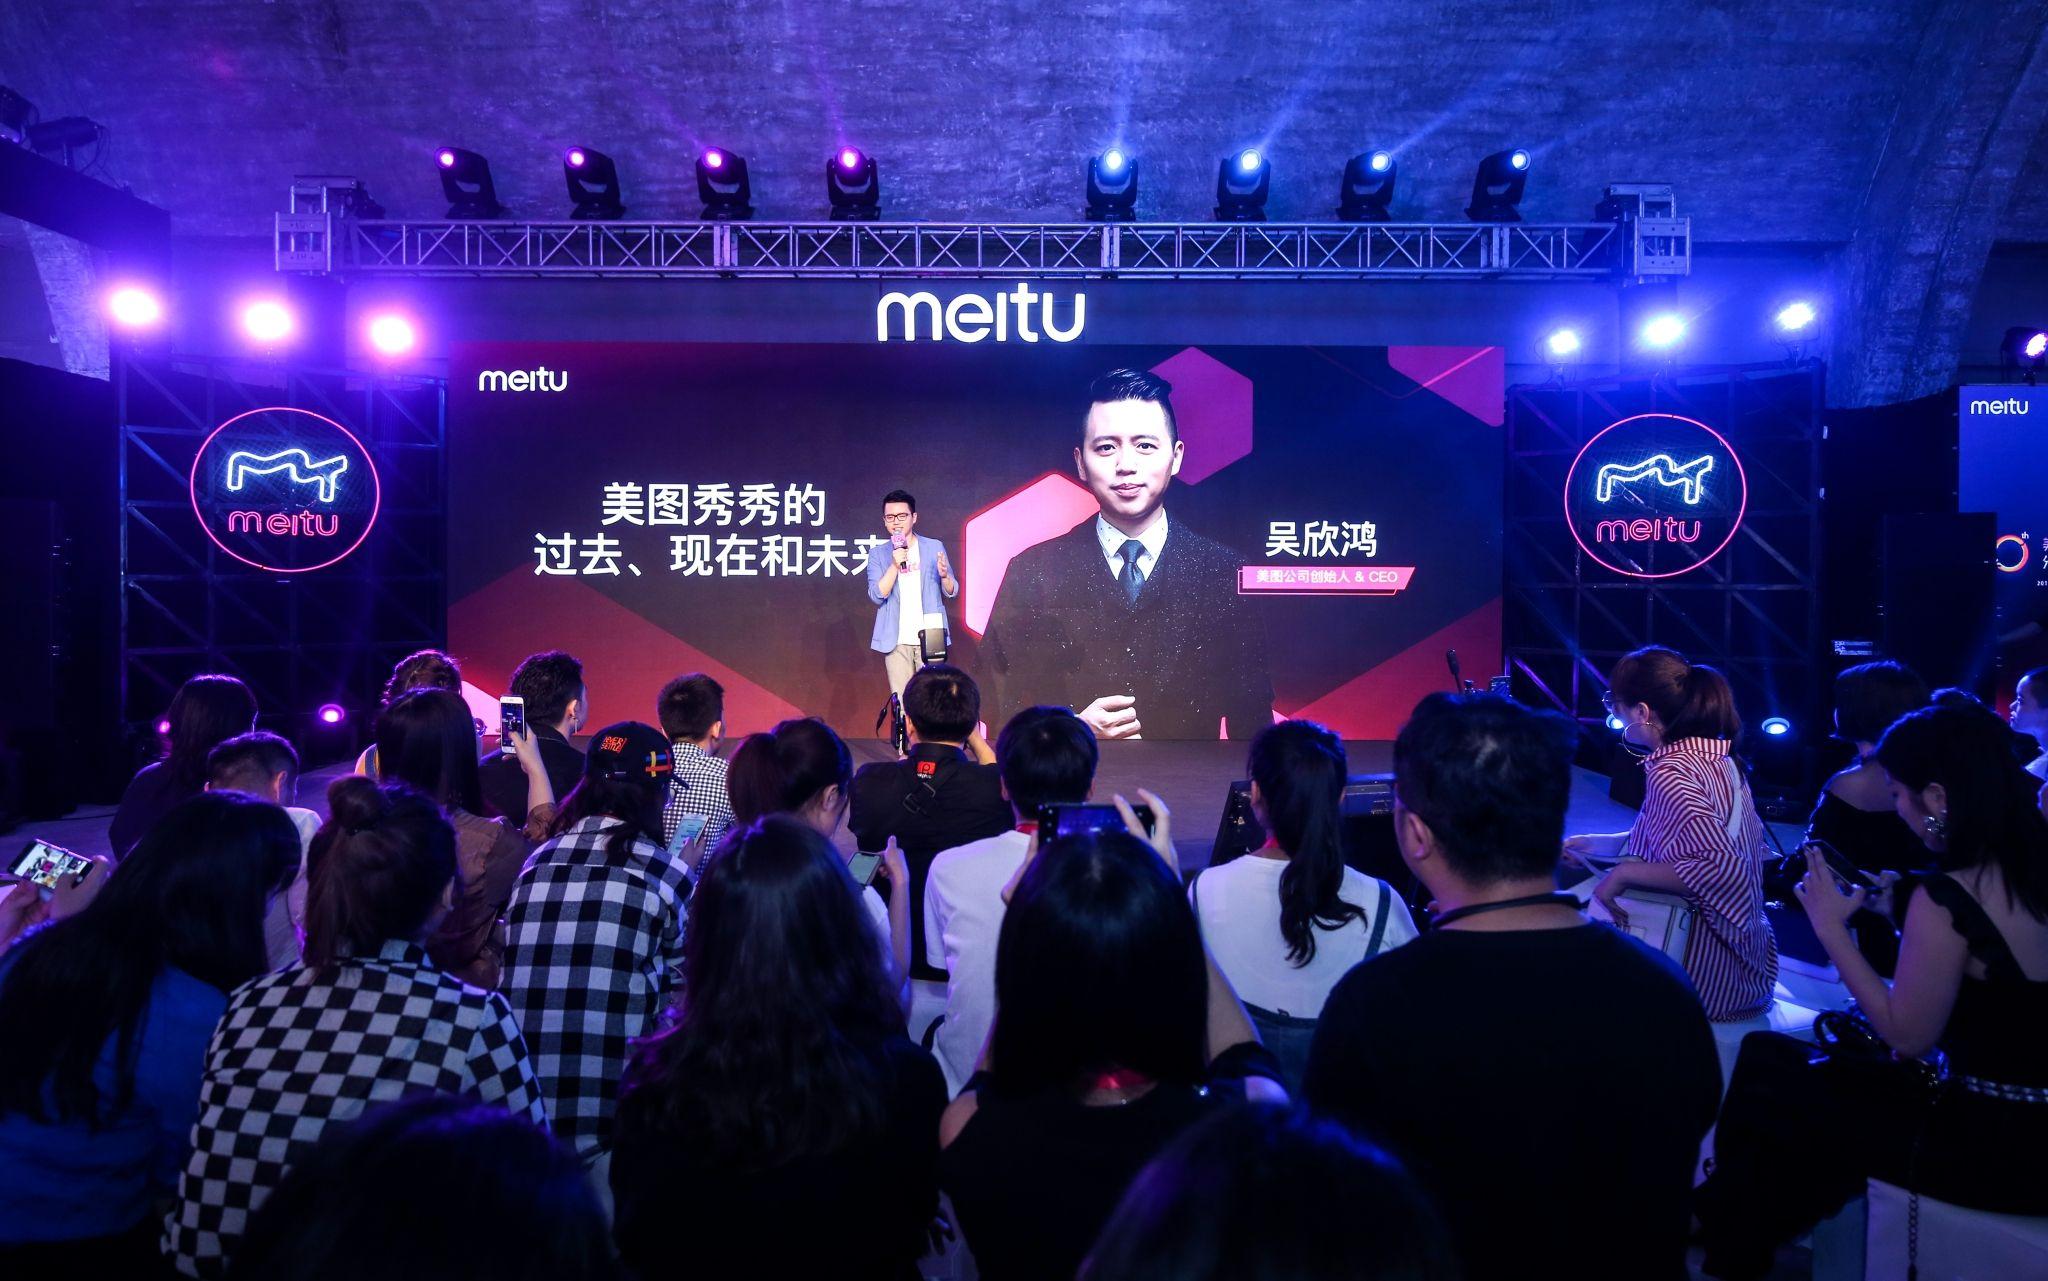 美图创始人吴欣鸿:图片社交将成为美图秀秀发力社交的机会